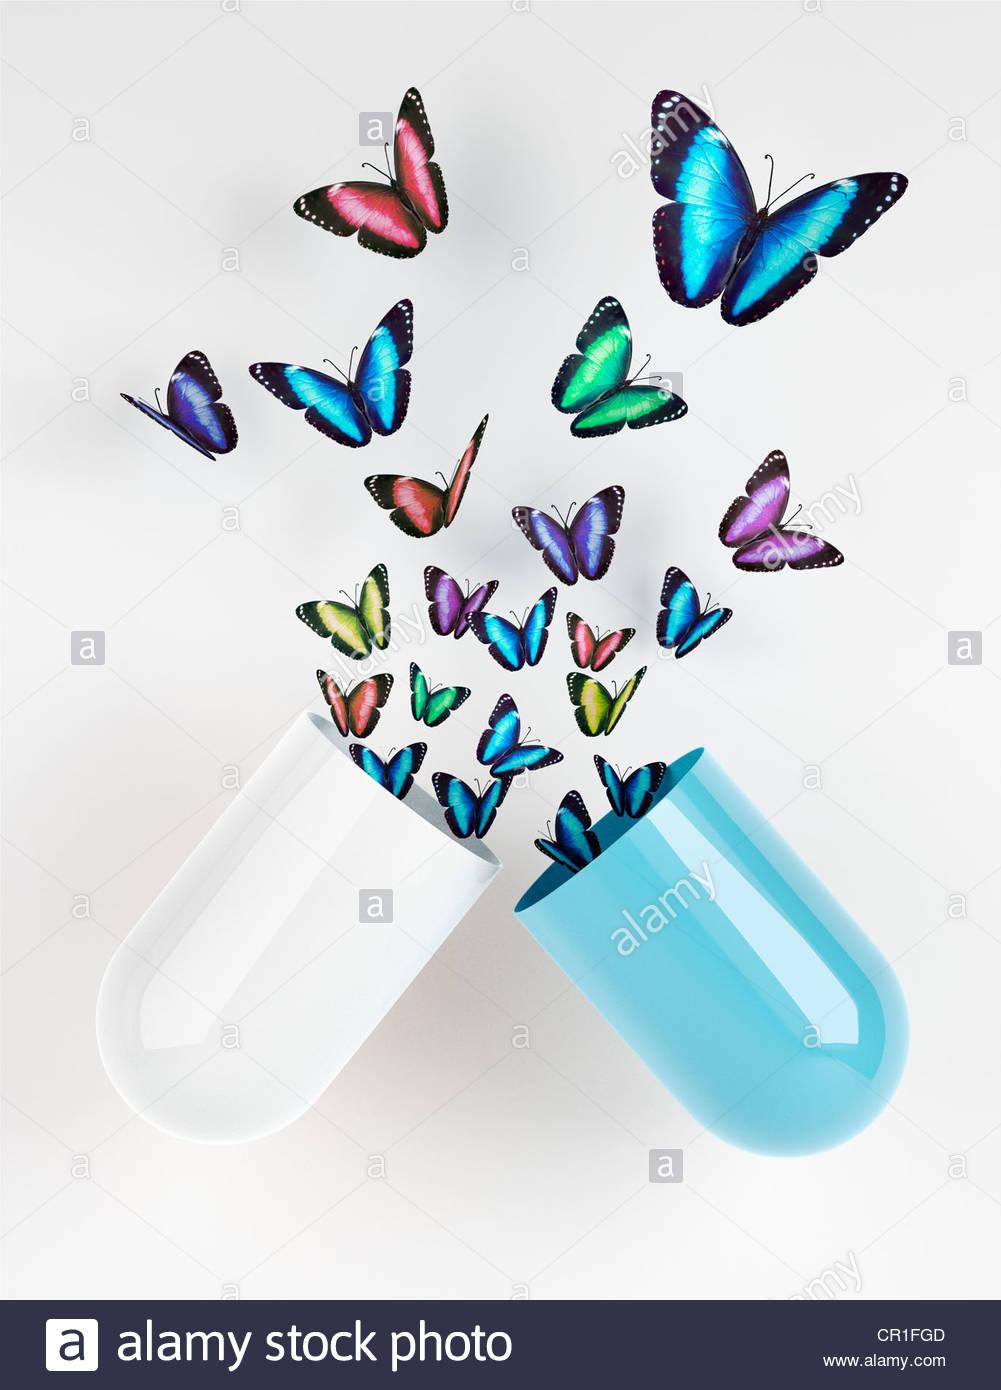 Farfalle emergente dalla capsula Immagini Stock